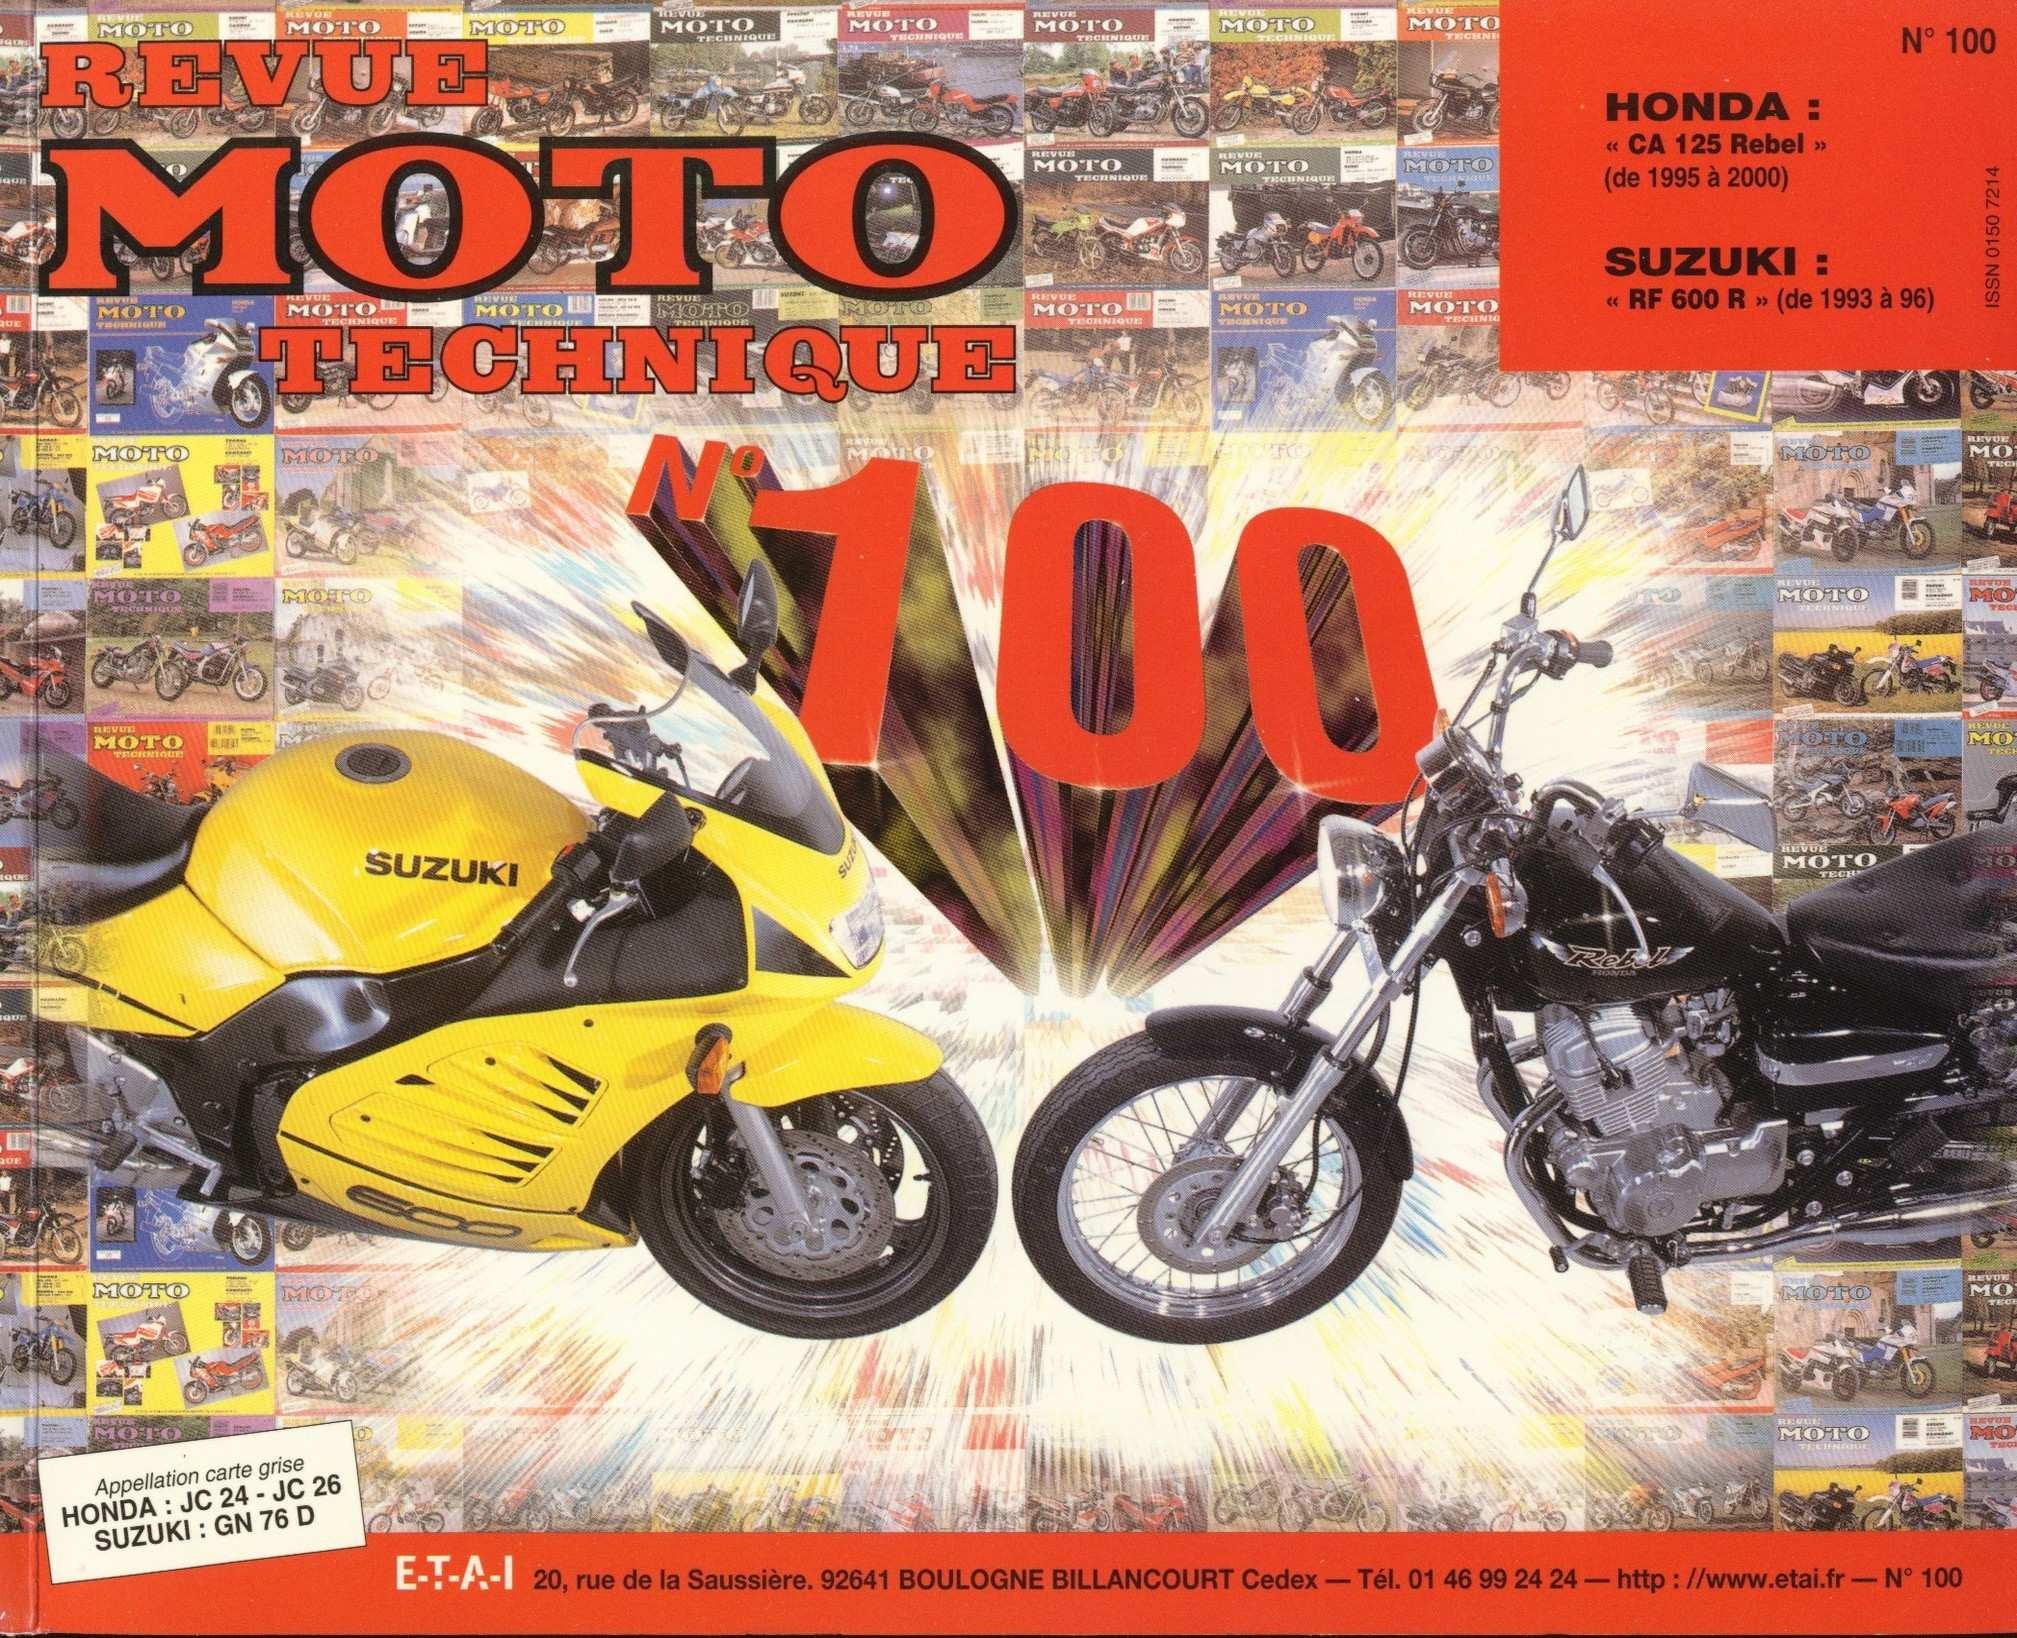 Revue moto technique - no. 100 CA125T Rebel JC24 (1996) (French)